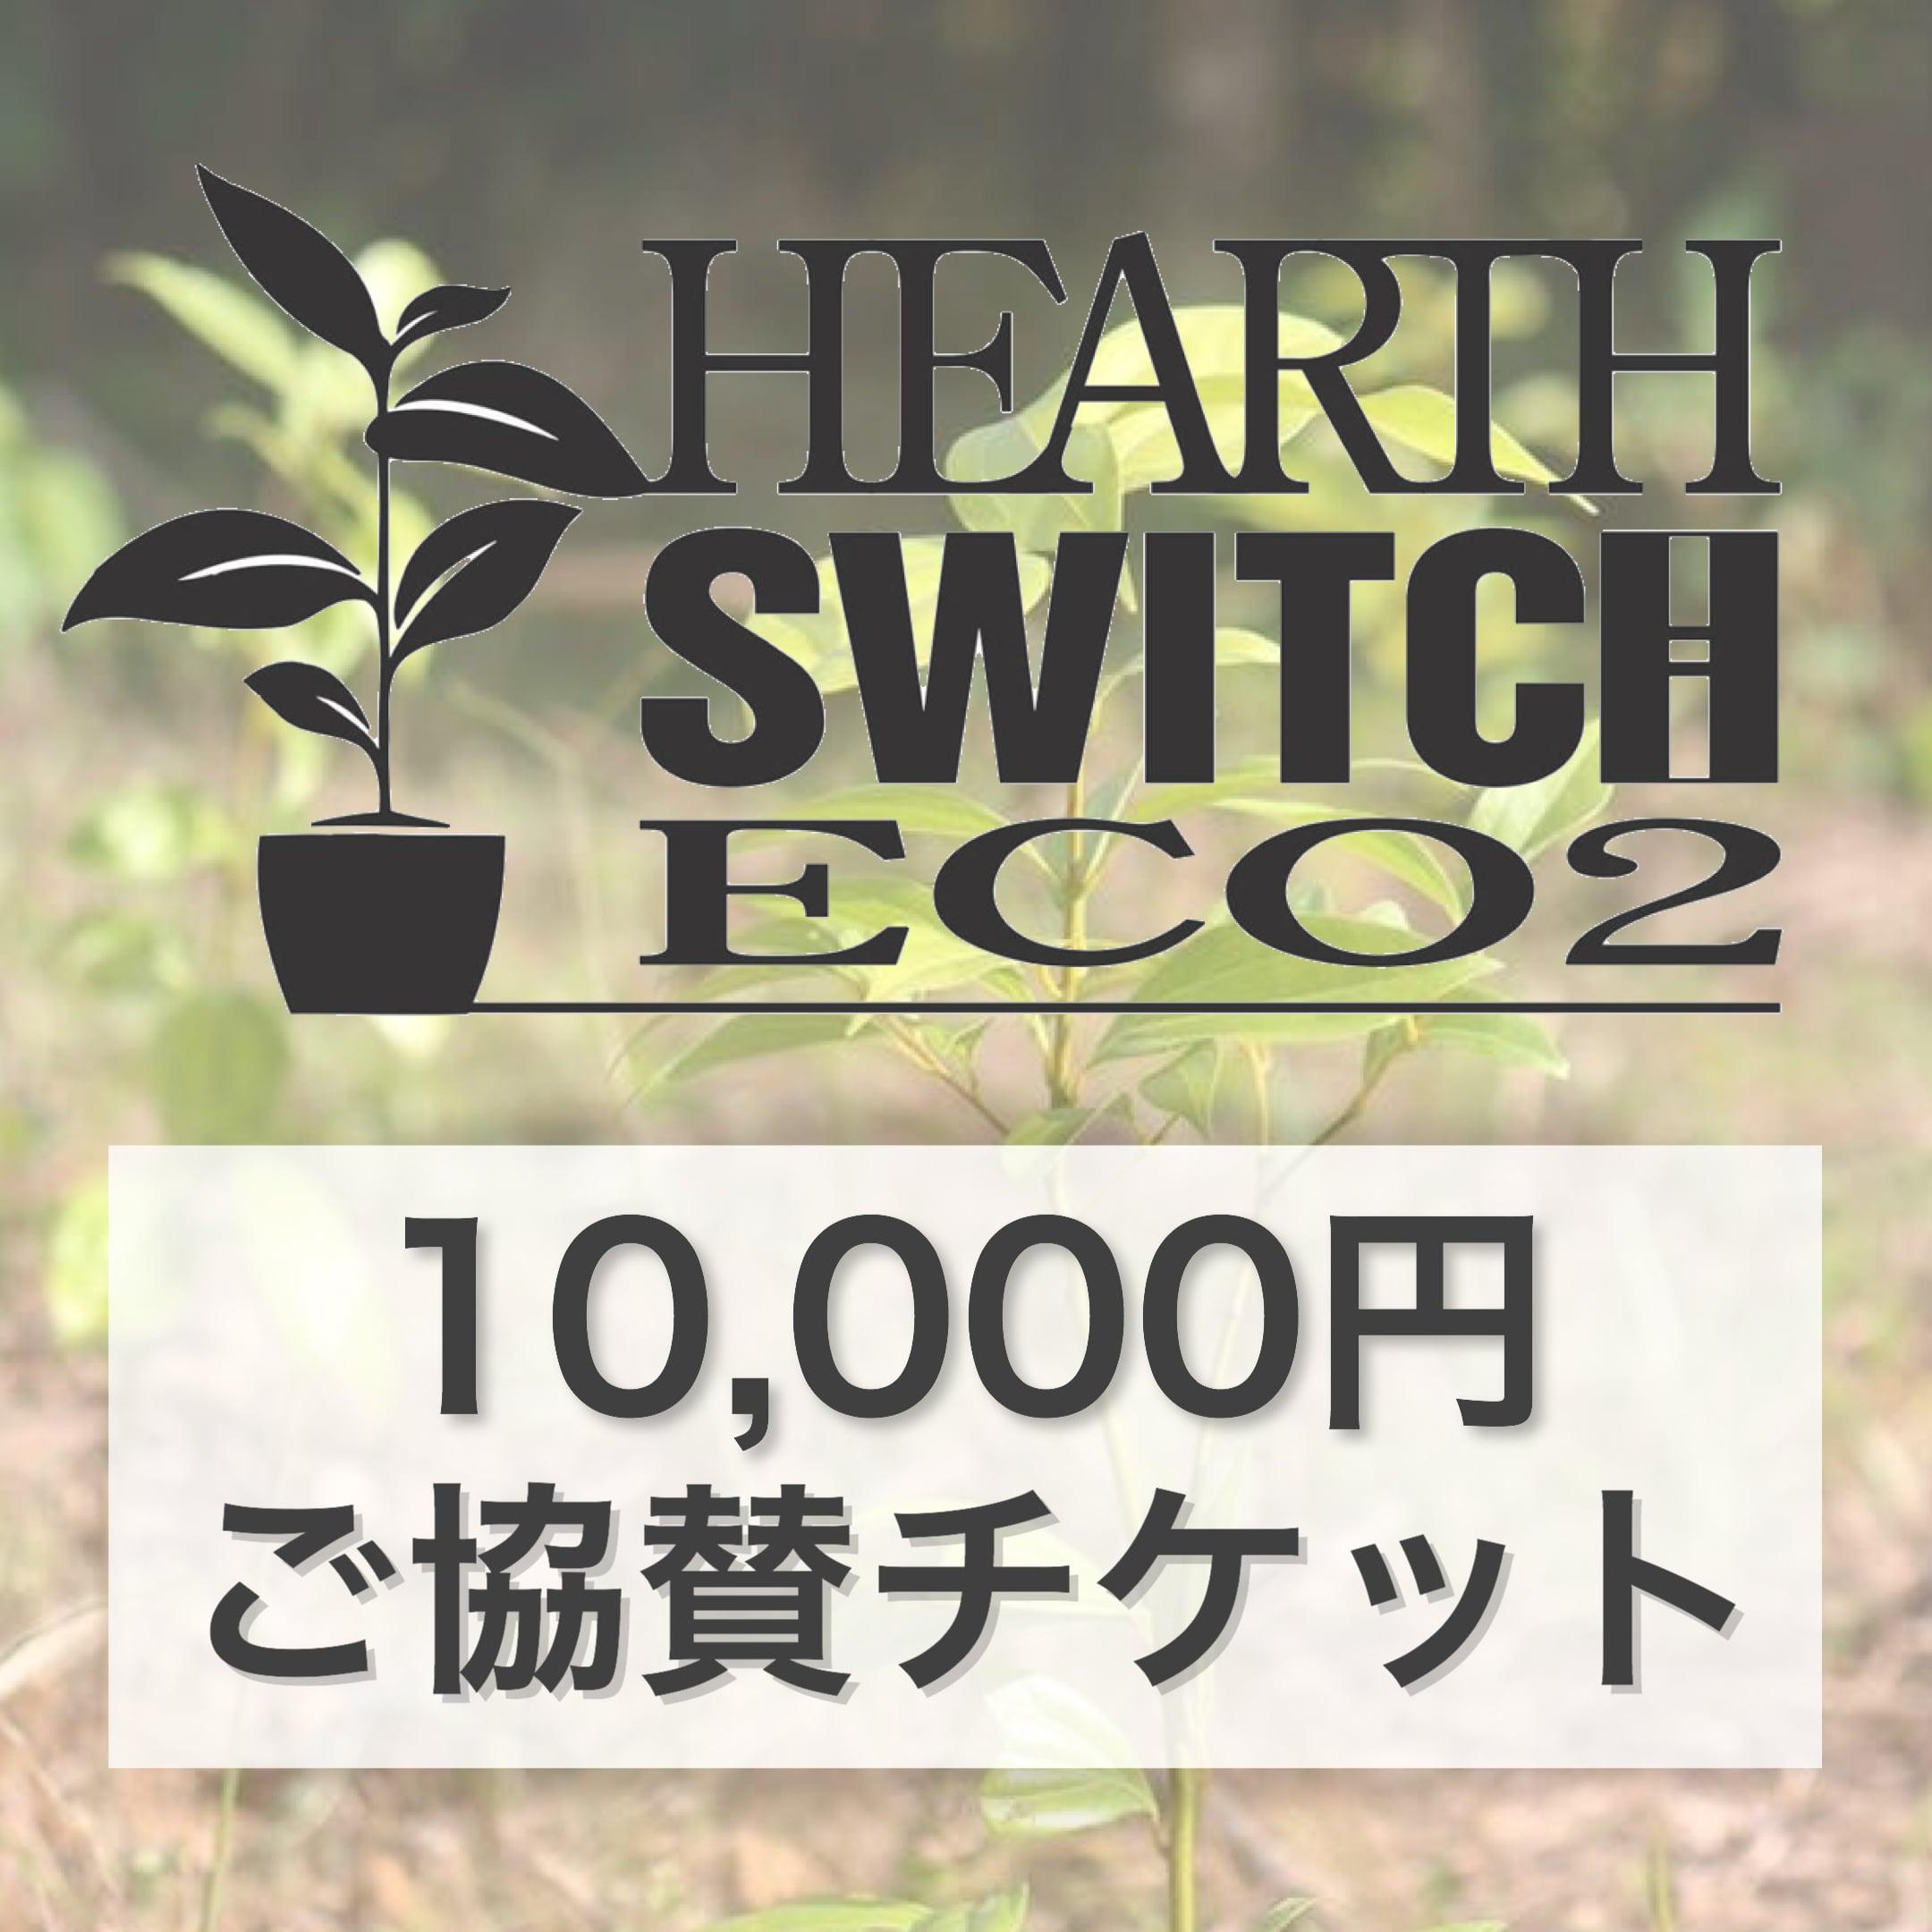 ◆10,000円ご協賛チケット◆HEARTH SWITCH-ハーススイッチeco2のイメージその1